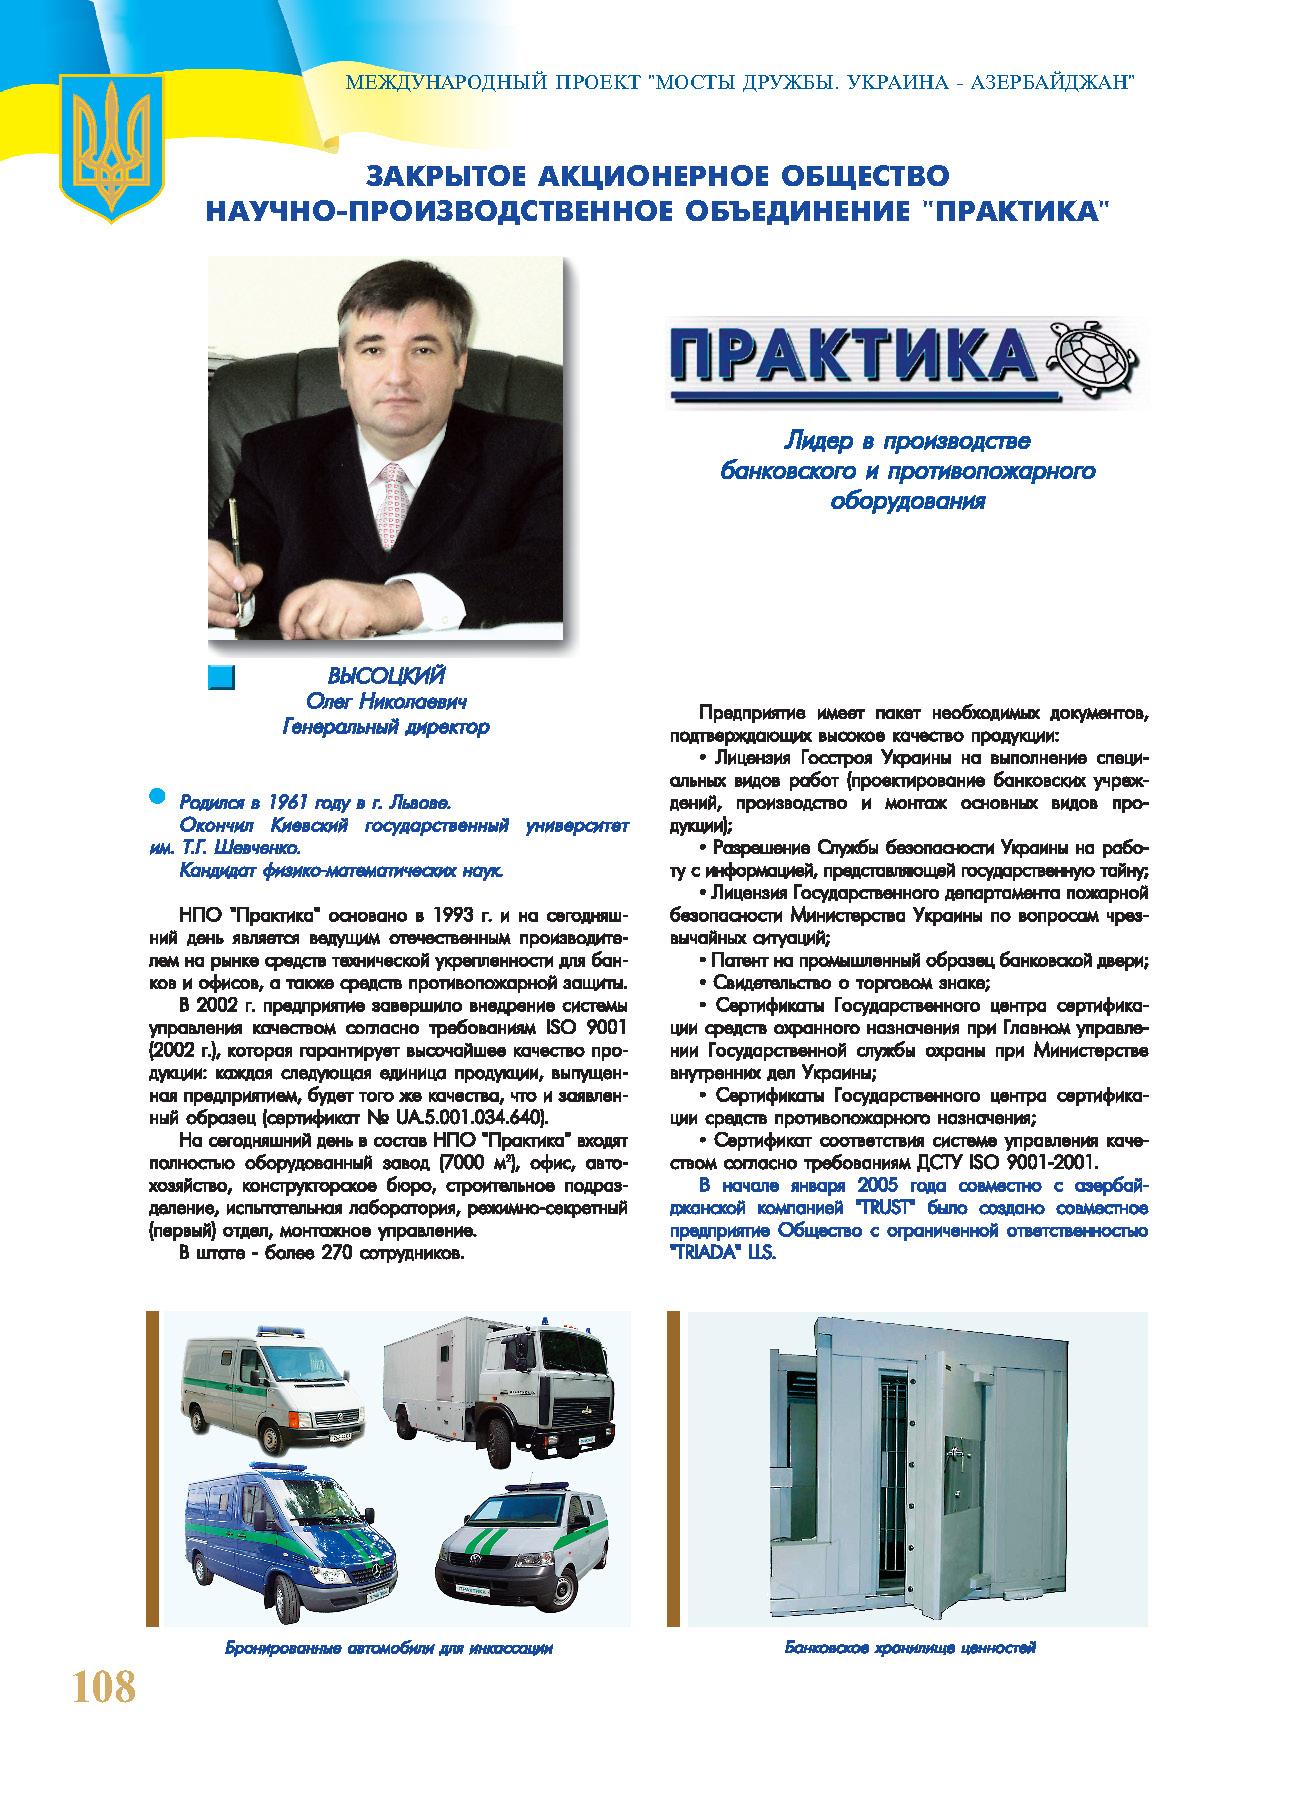 Закрытое акционерное общество Научно-производственное объединение